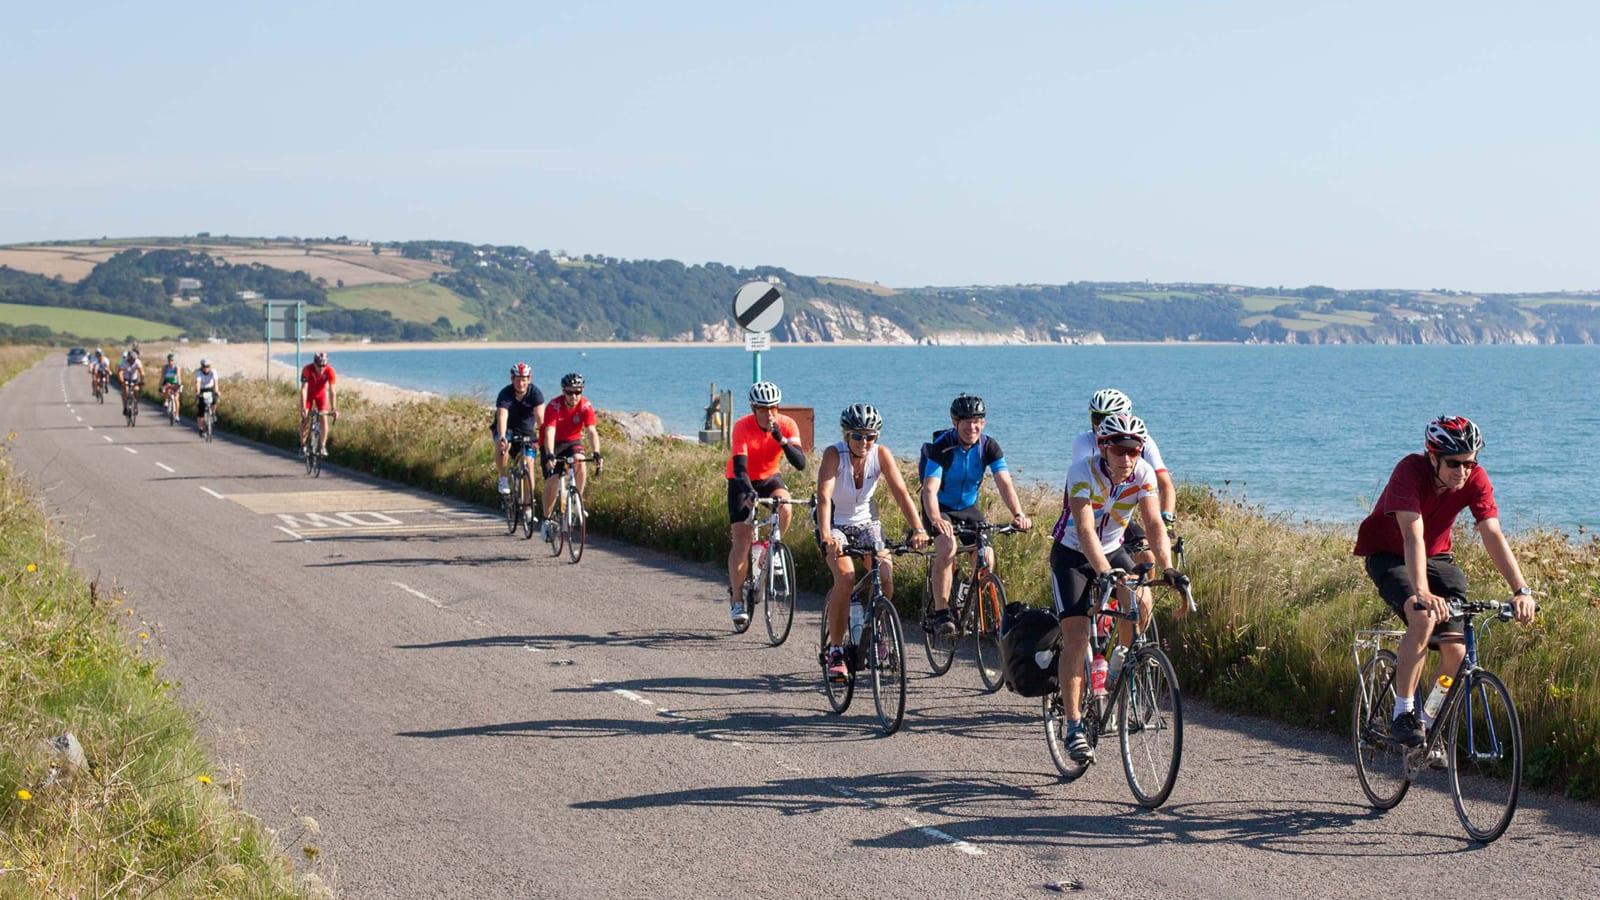 Tour of Britain mass participation